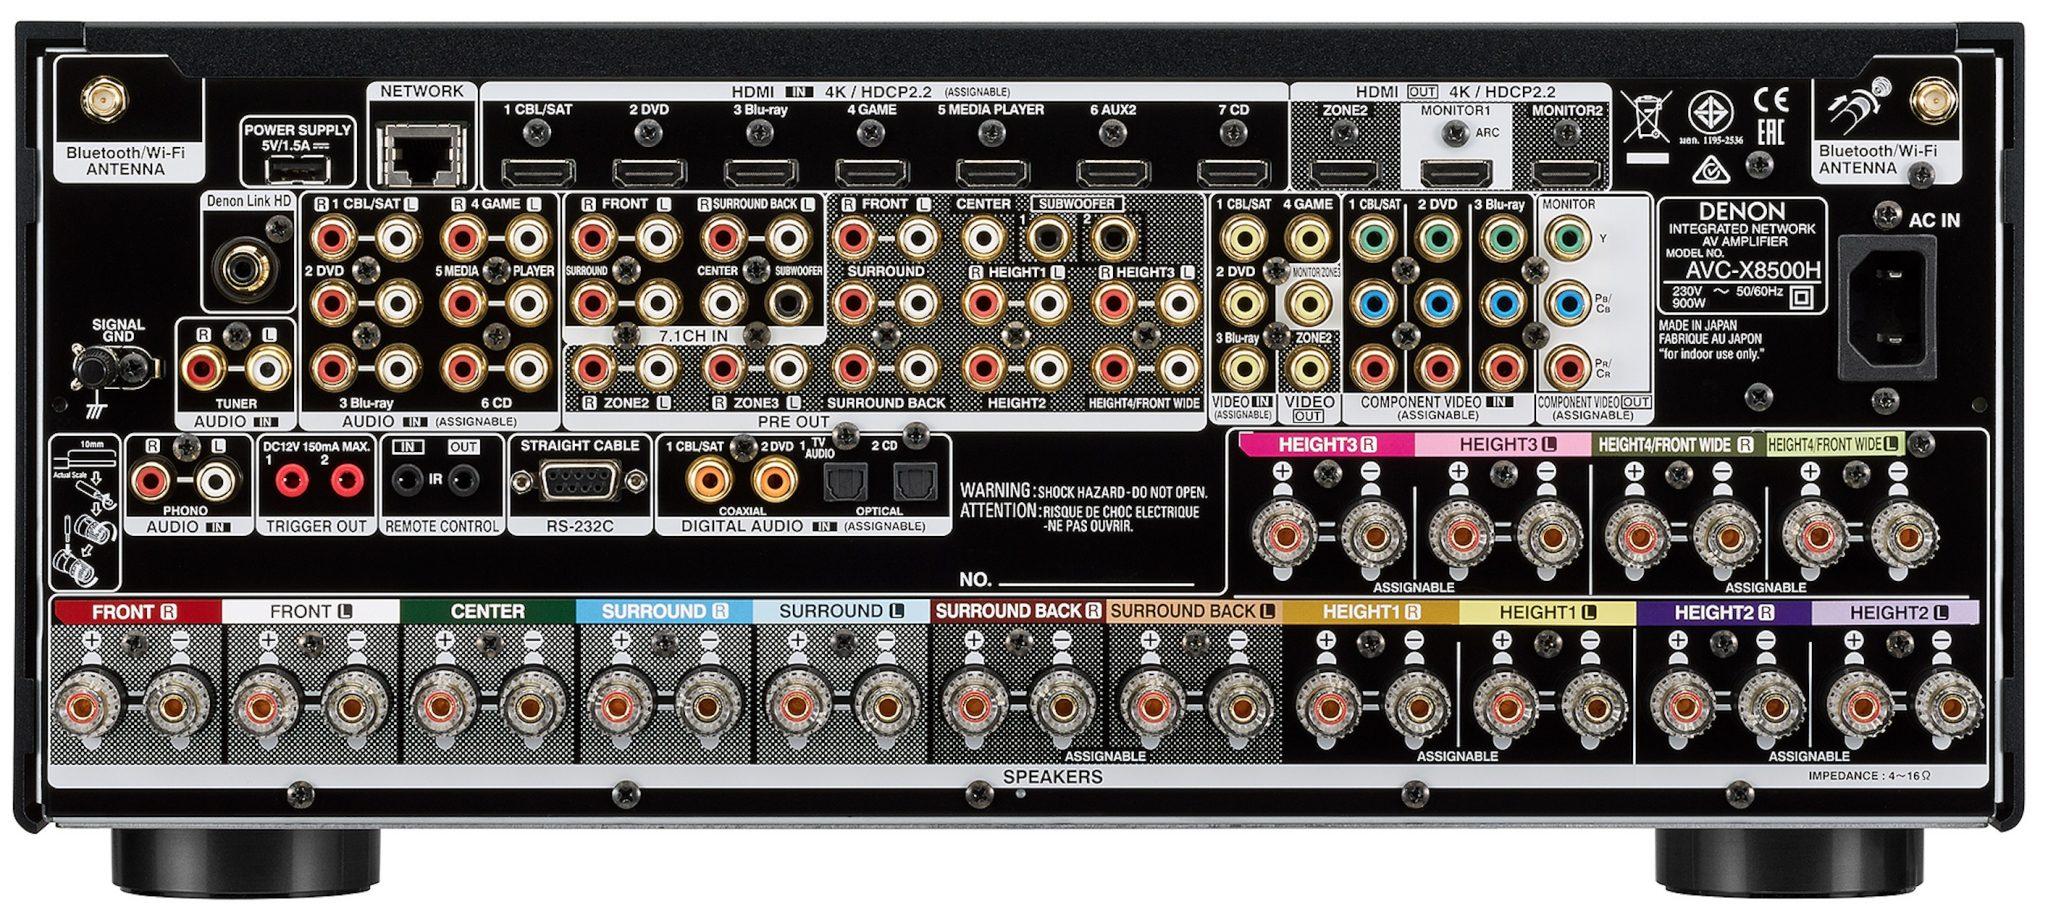 Denon AVC-X8500H 13 Channel Amplifier